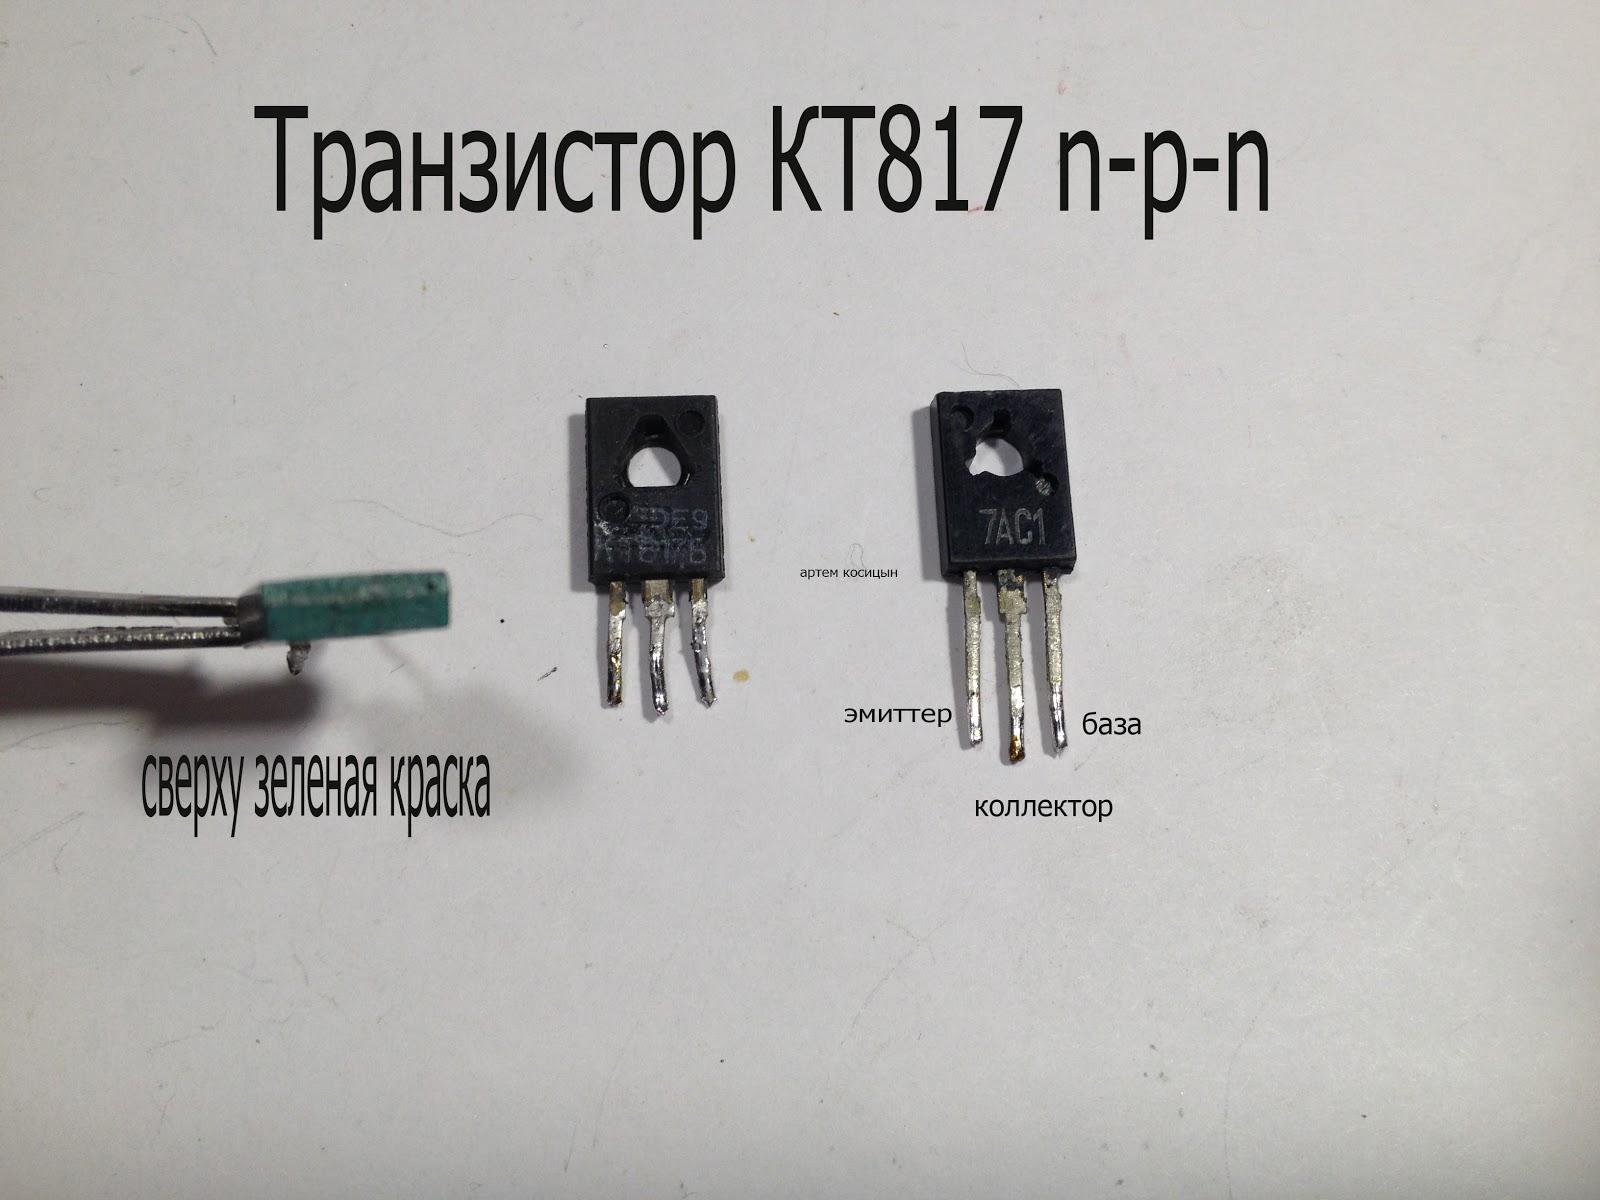 Транзистор в микроволновке 6